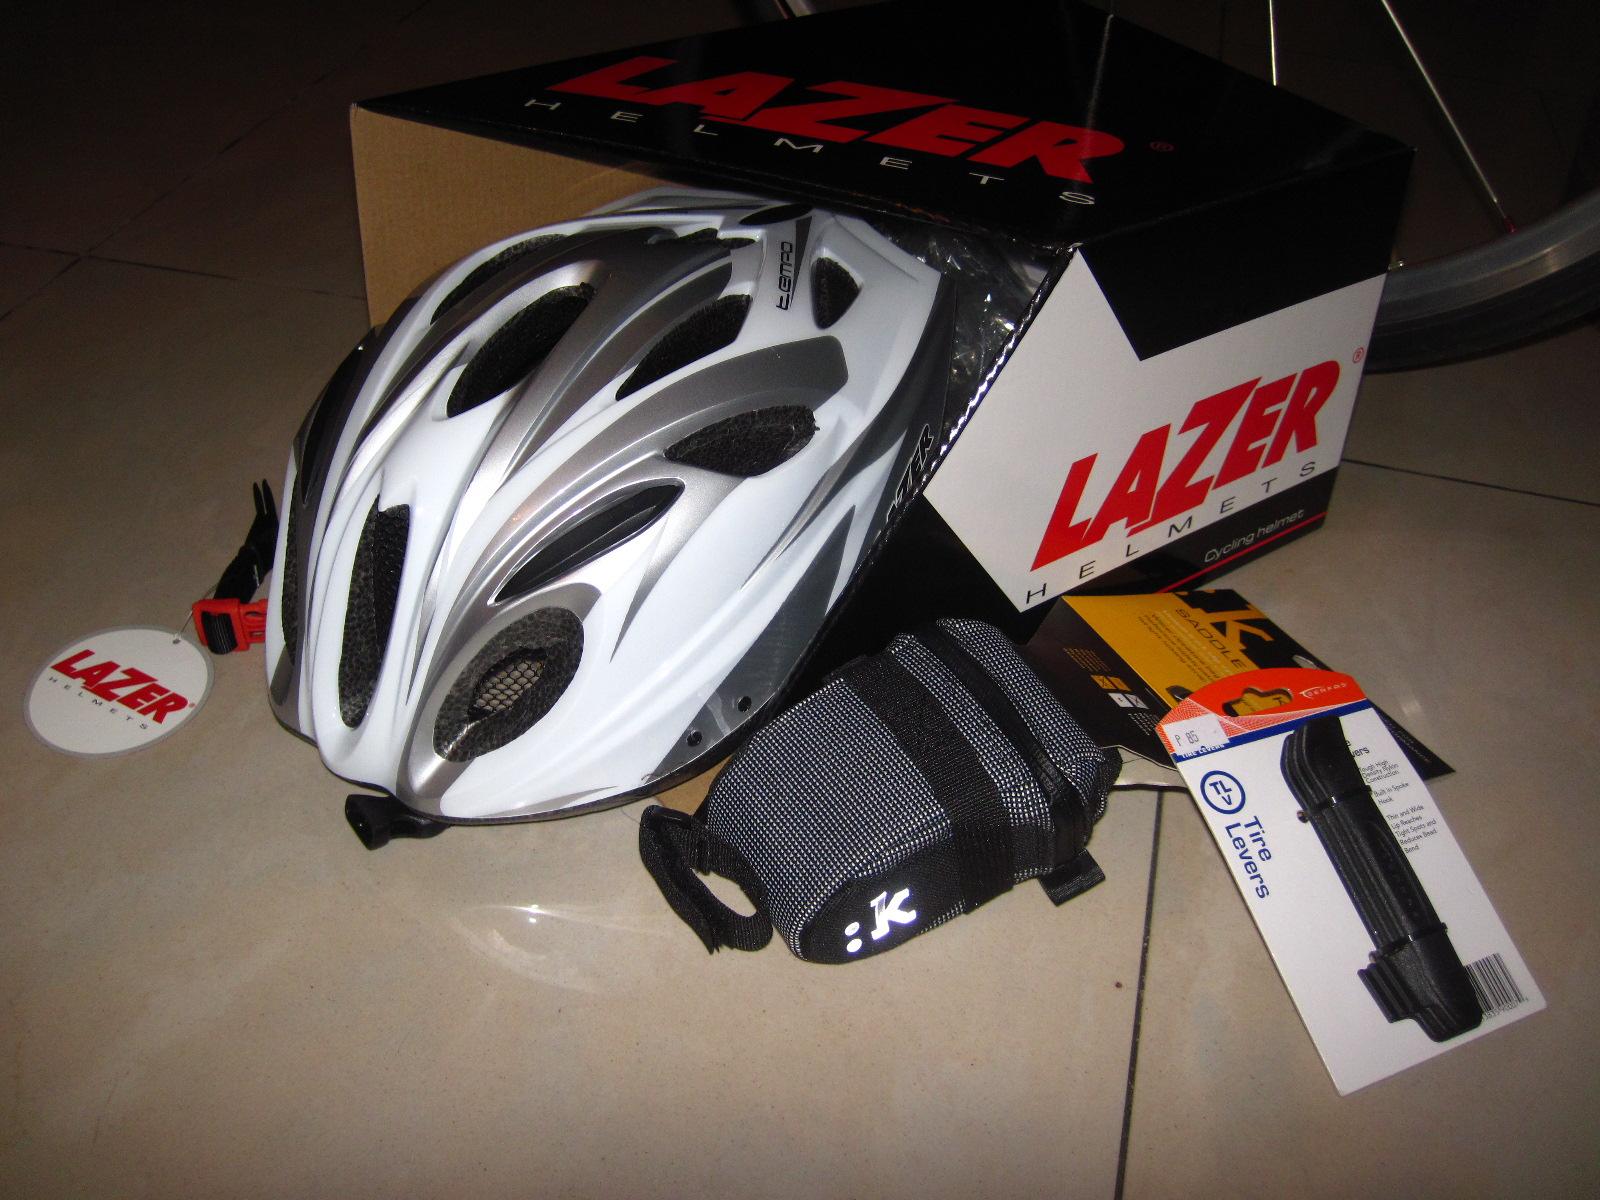 Kikay Cyclist: Loot!